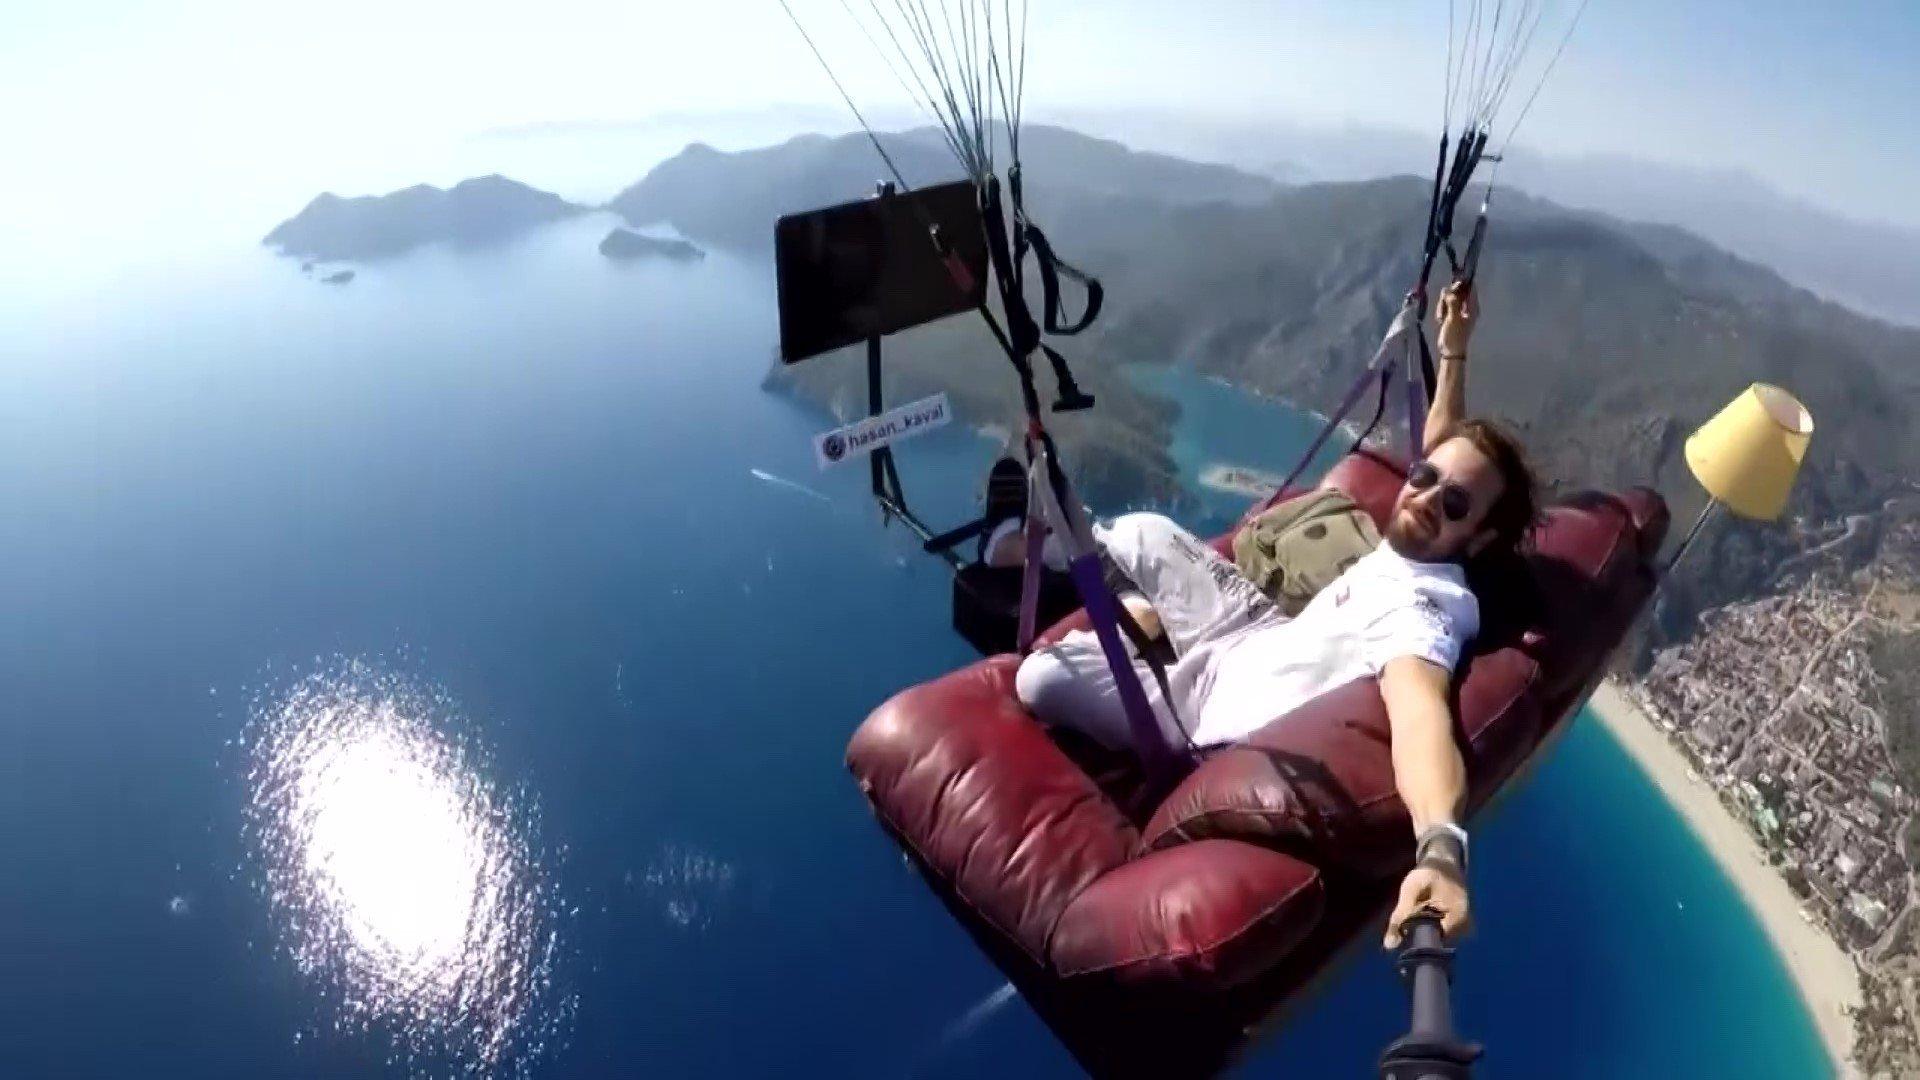 He also did paragliding on a sofa over Turkey's Ölüdeniz (Dead sea)